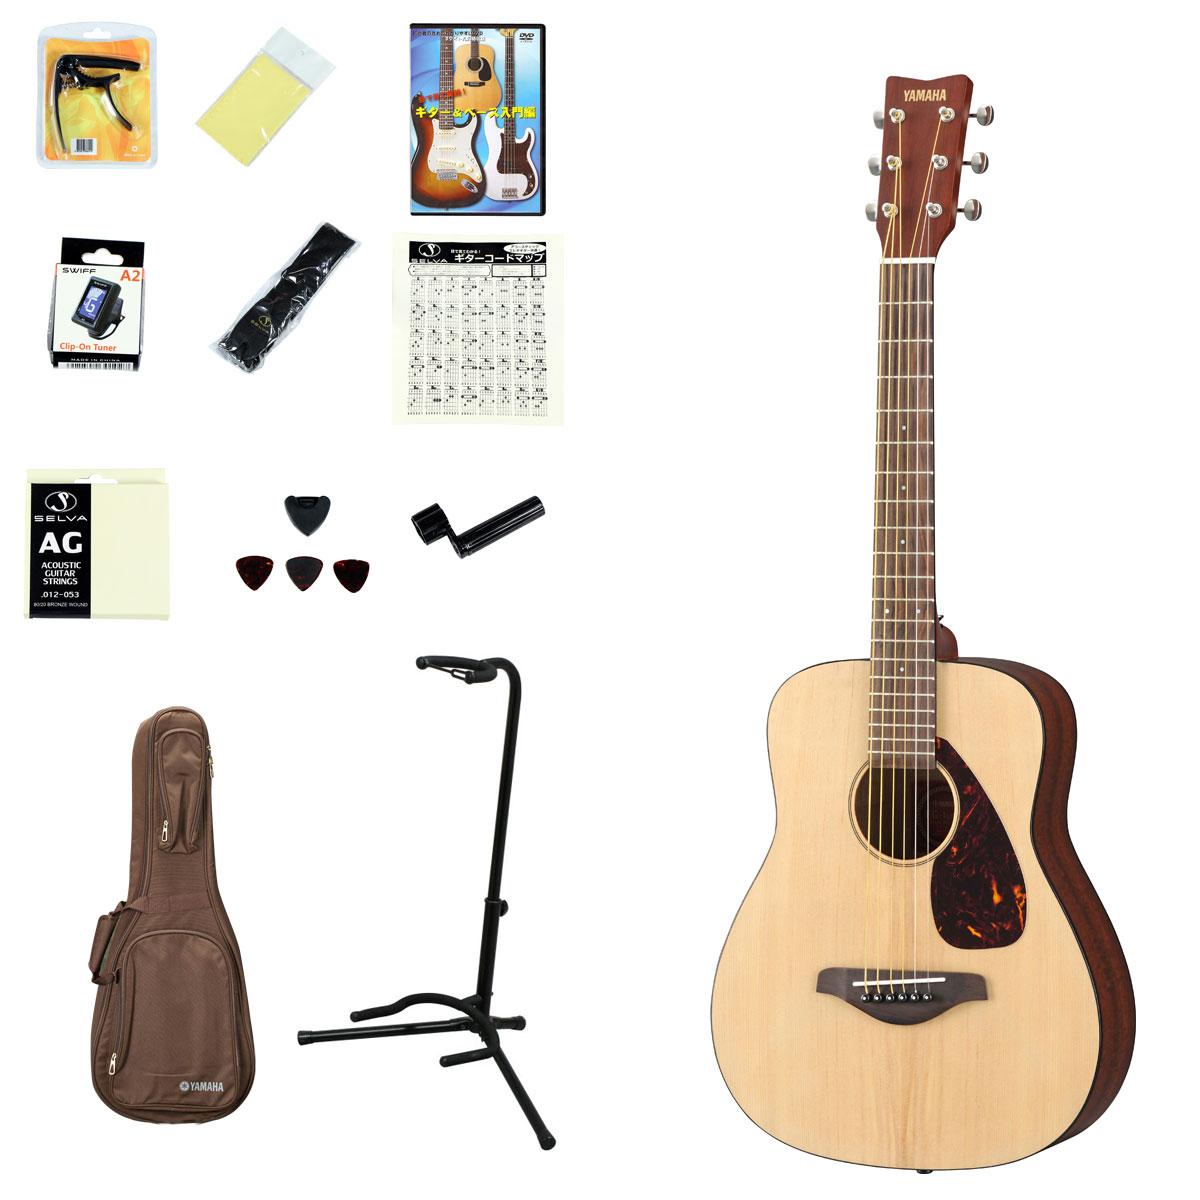 YAMAHA / JR2 NT(ナチュラル) 【ミニギター14点入門セット!】 ヤマハ アコースティックギター アコギ JR-2【YRK】